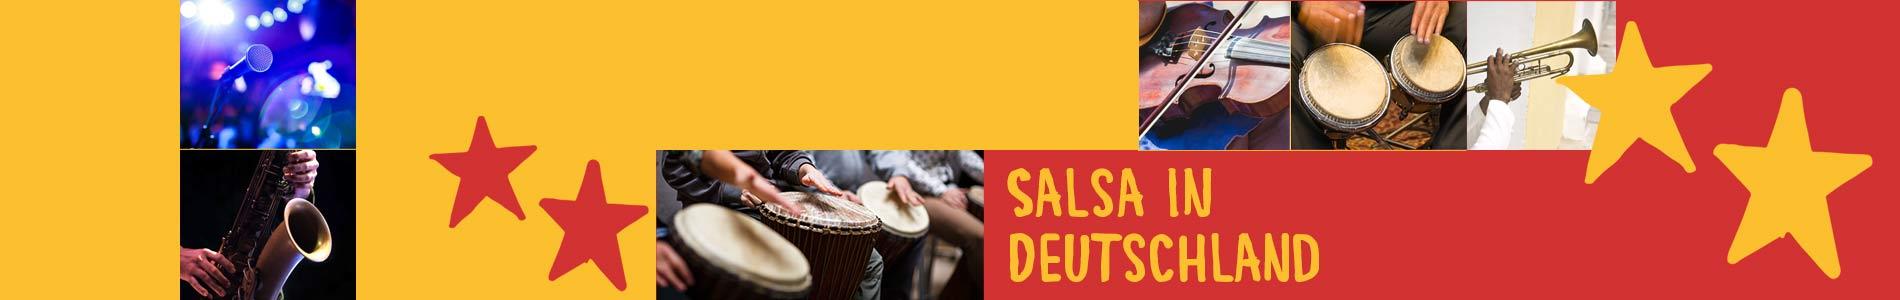 Salsa in Burgrieden – Salsa lernen und tanzen, Tanzkurse, Partys, Veranstaltungen